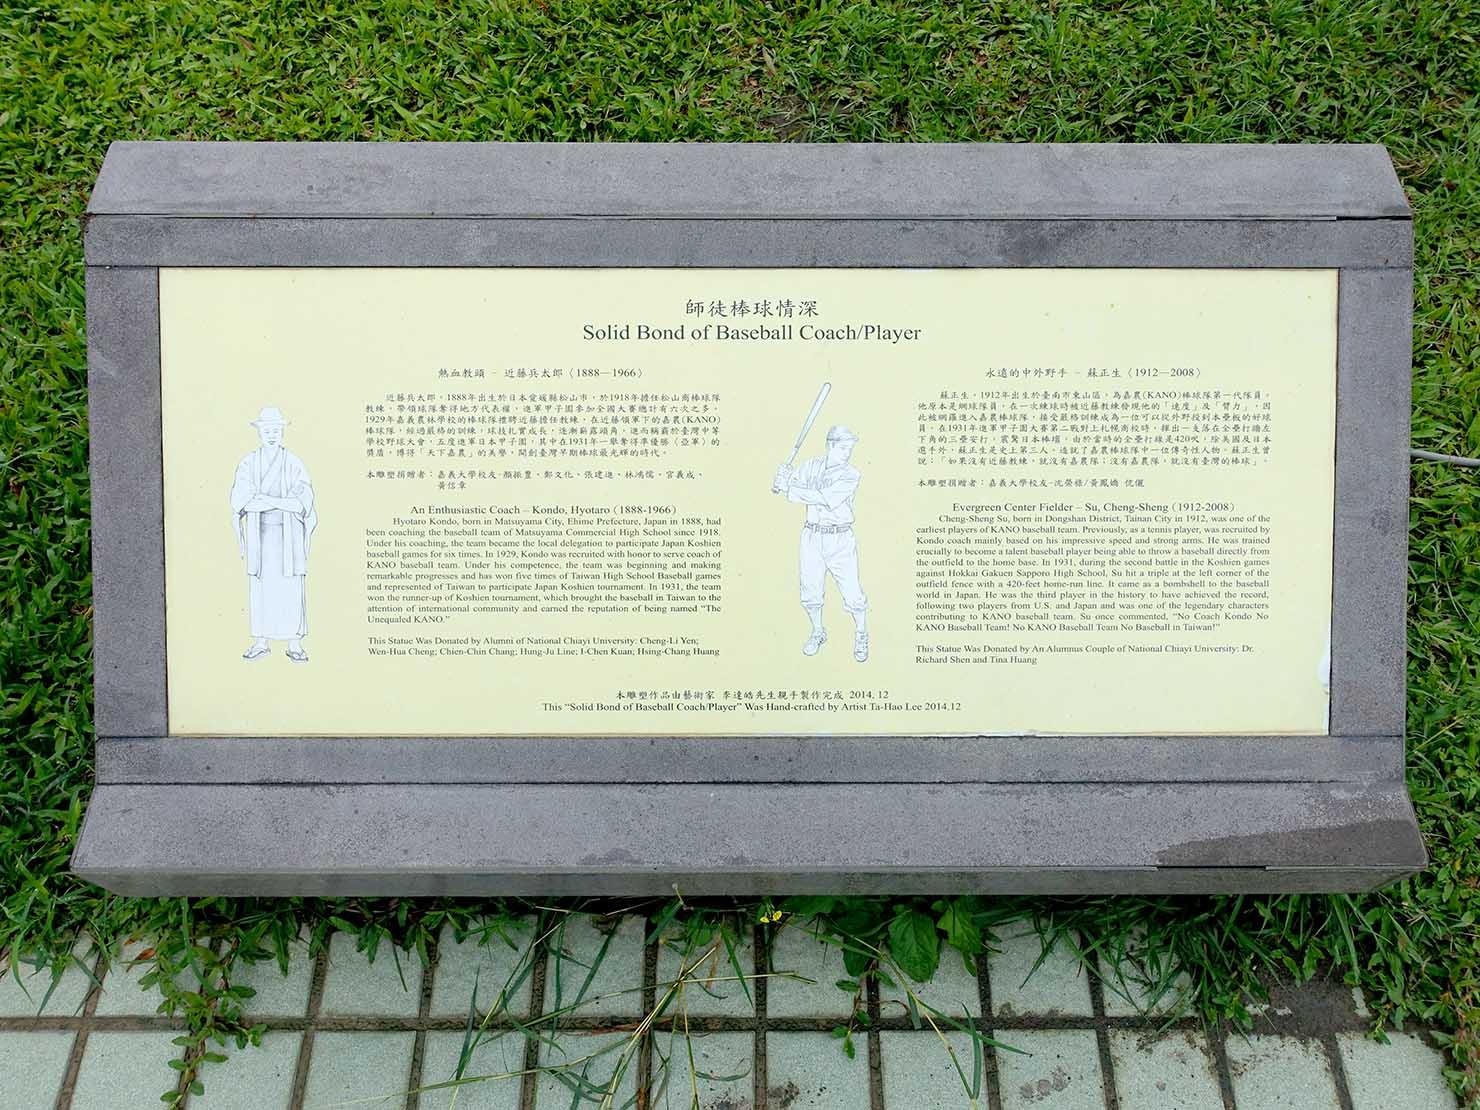 嘉義のおすすめ観光スポット「國立嘉義大學(蘭潭校區)」に置かれた先生と選手の銅像解説